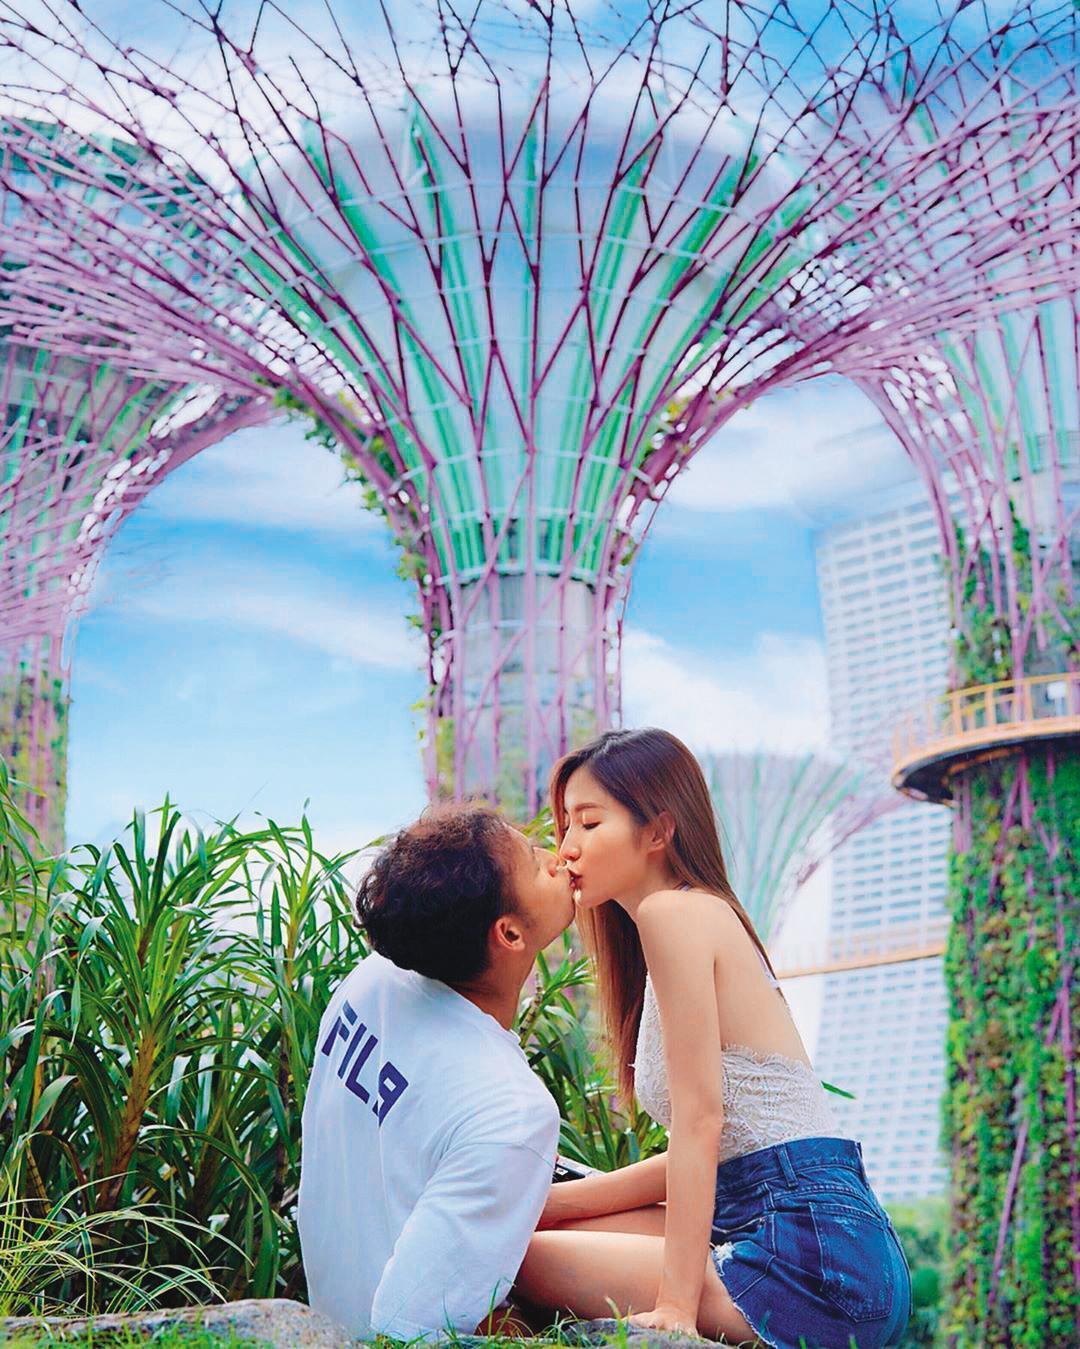 楊政龍(左)花邊很多,曾與容祖兒傳出緋聞,不過,去年他公開與女友黃子菲(右)懷孕喜訊,決定今年結婚。